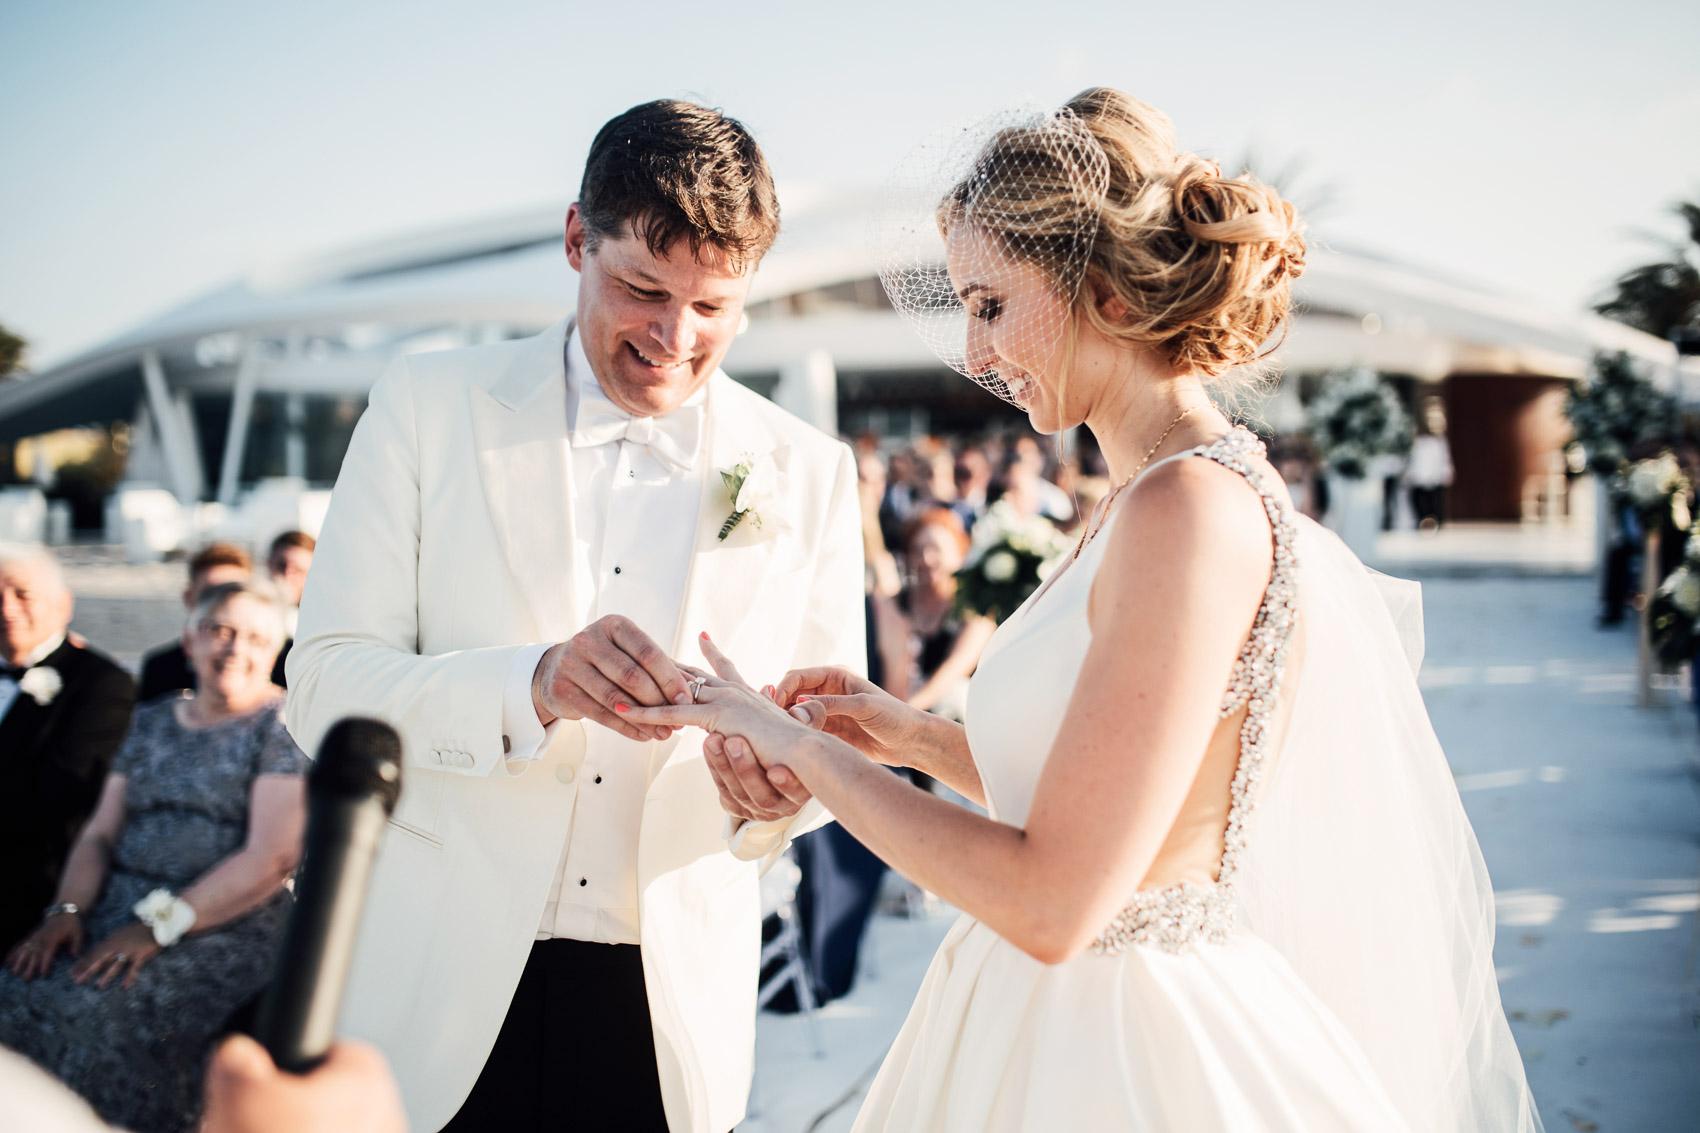 pareja wedding anillos